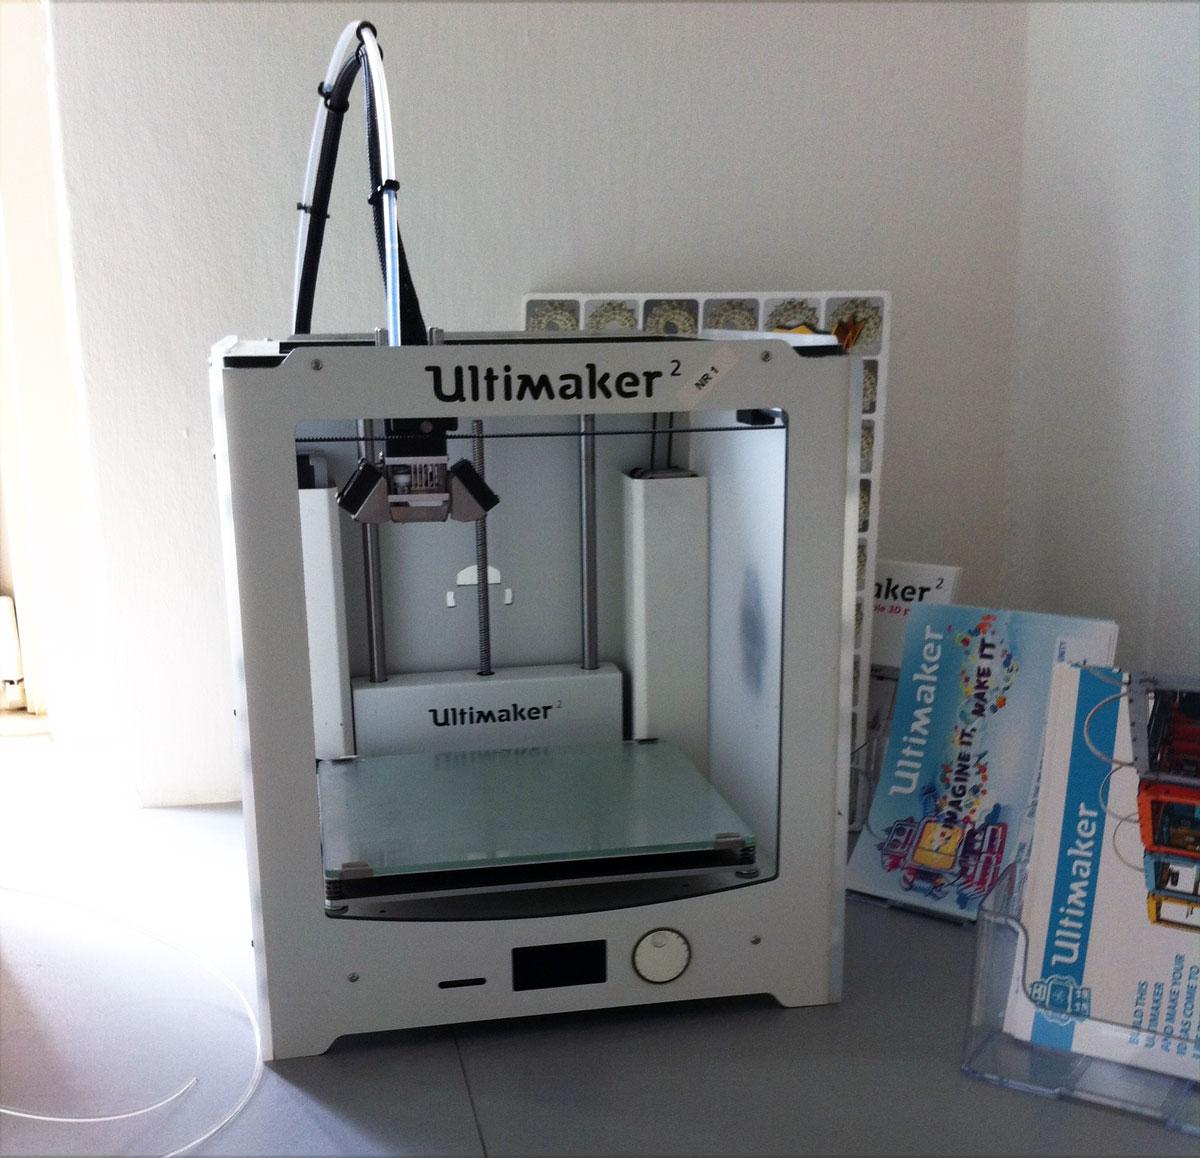 ultimaker 2 number 1 3d printer